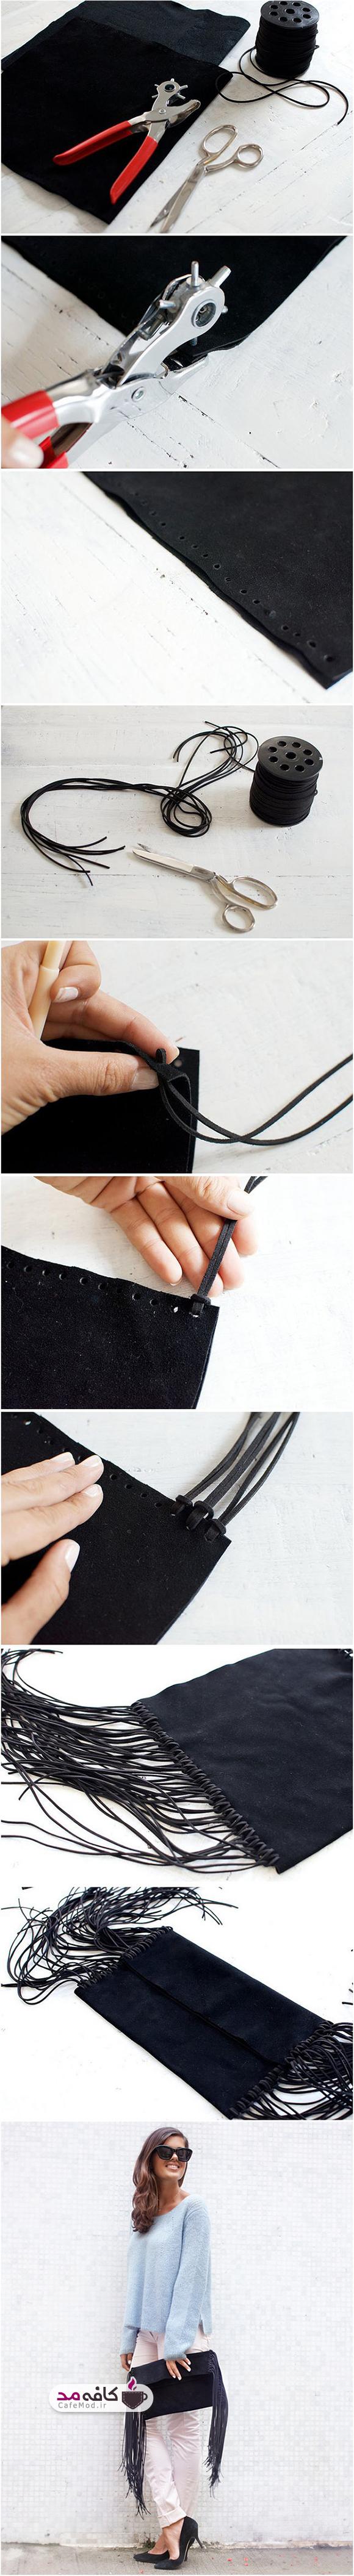 آموزش درست کردن کیف دستی چرمی